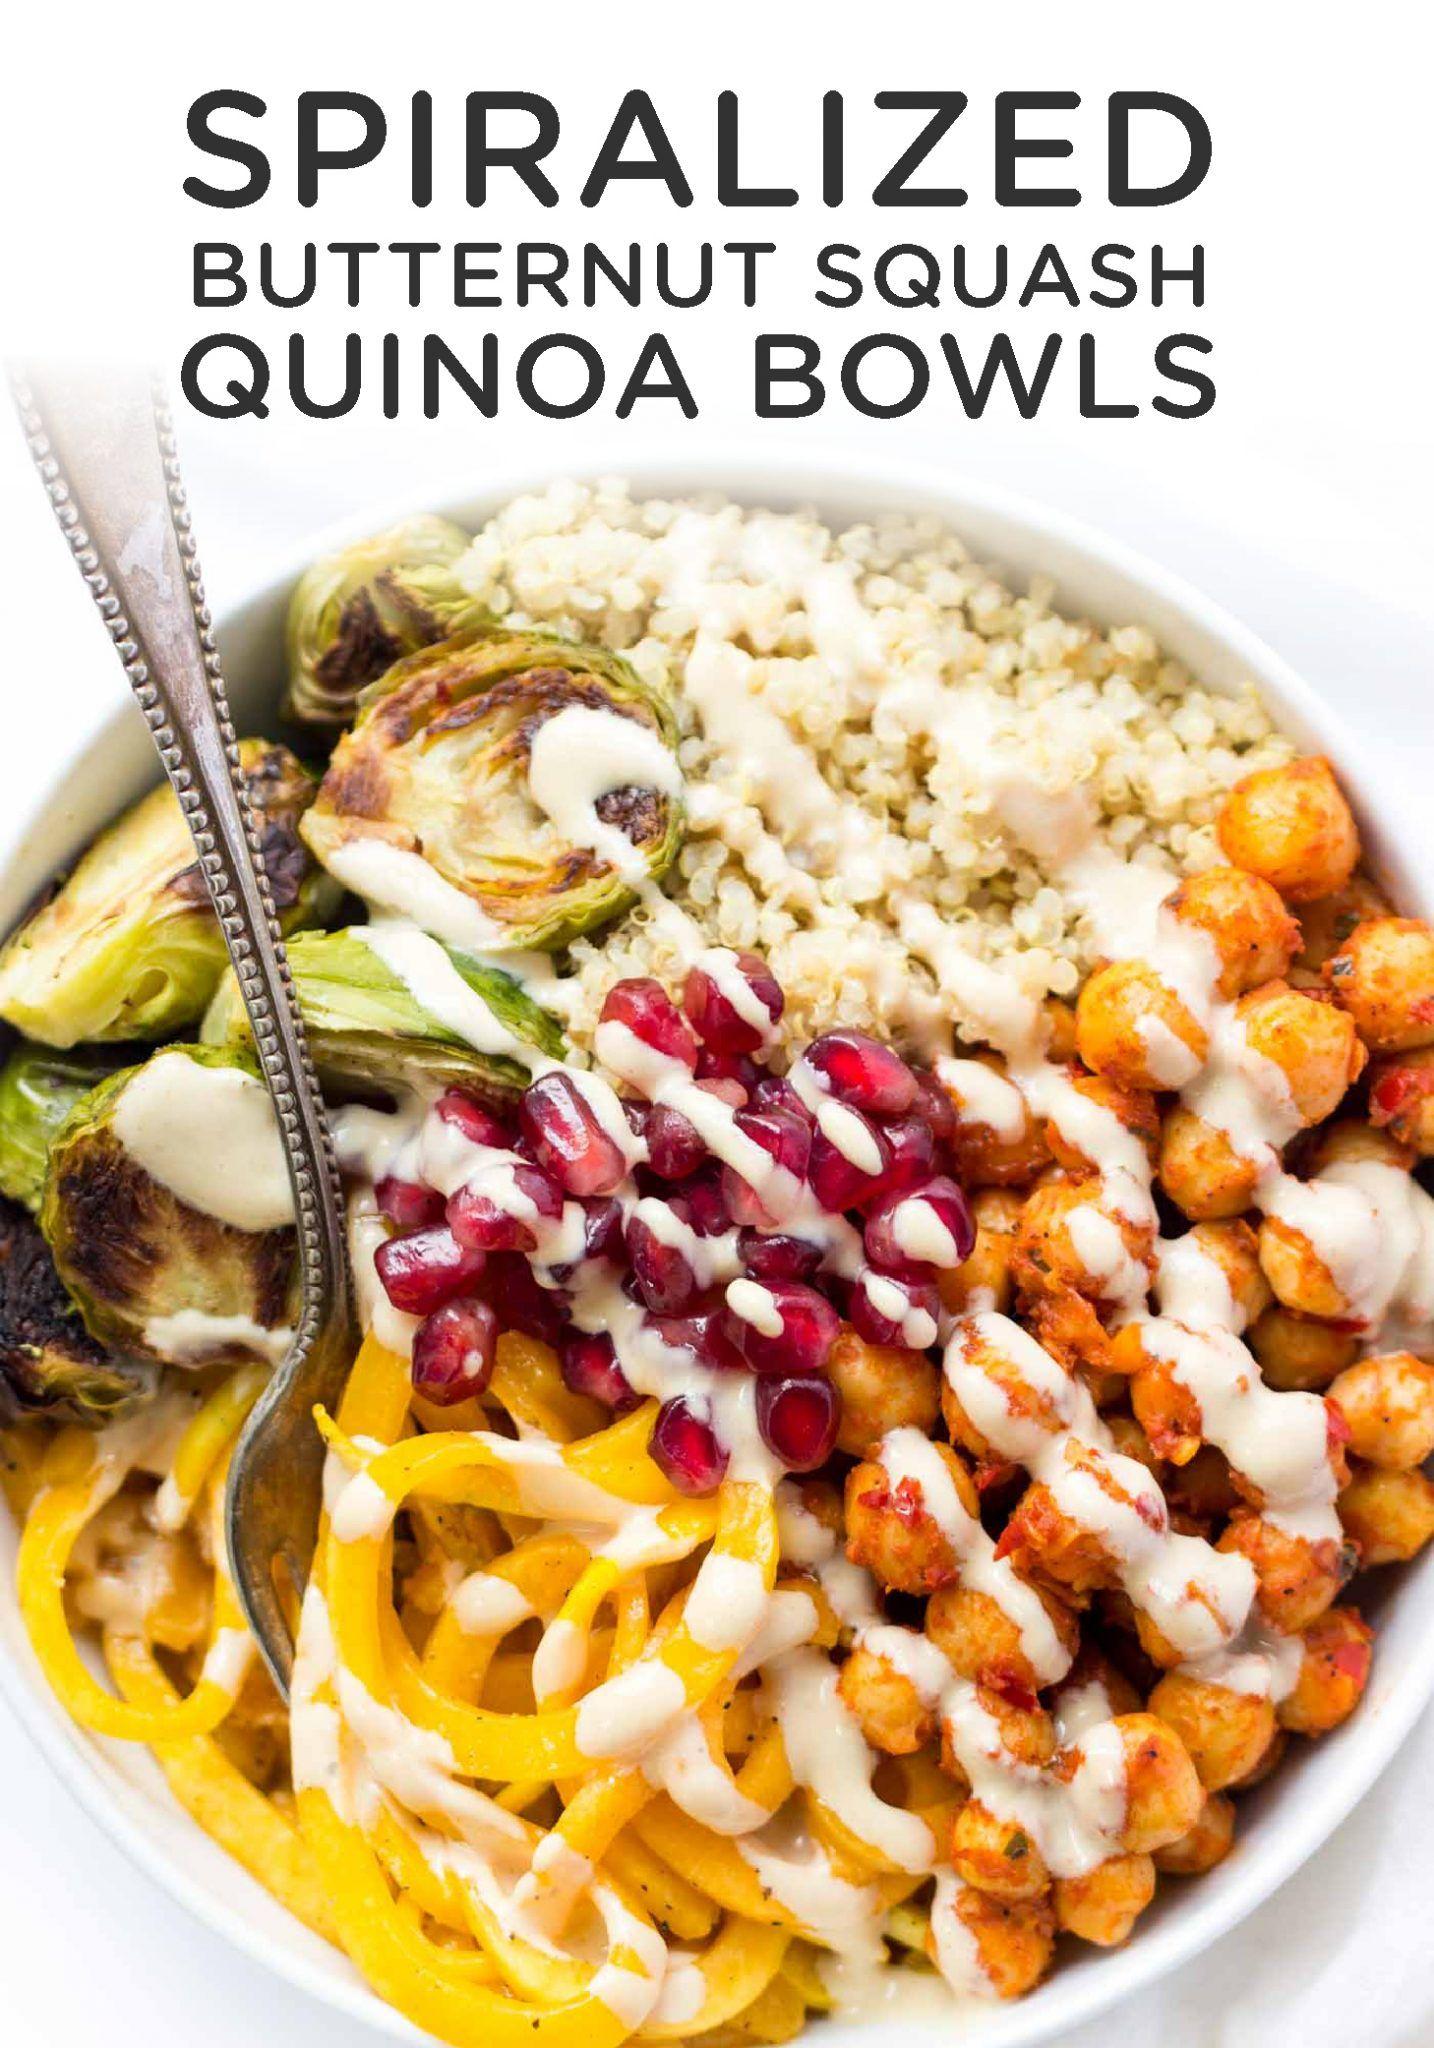 Spiralized Butternut Squash Bowls With Harissa Chickpeas Quinoa